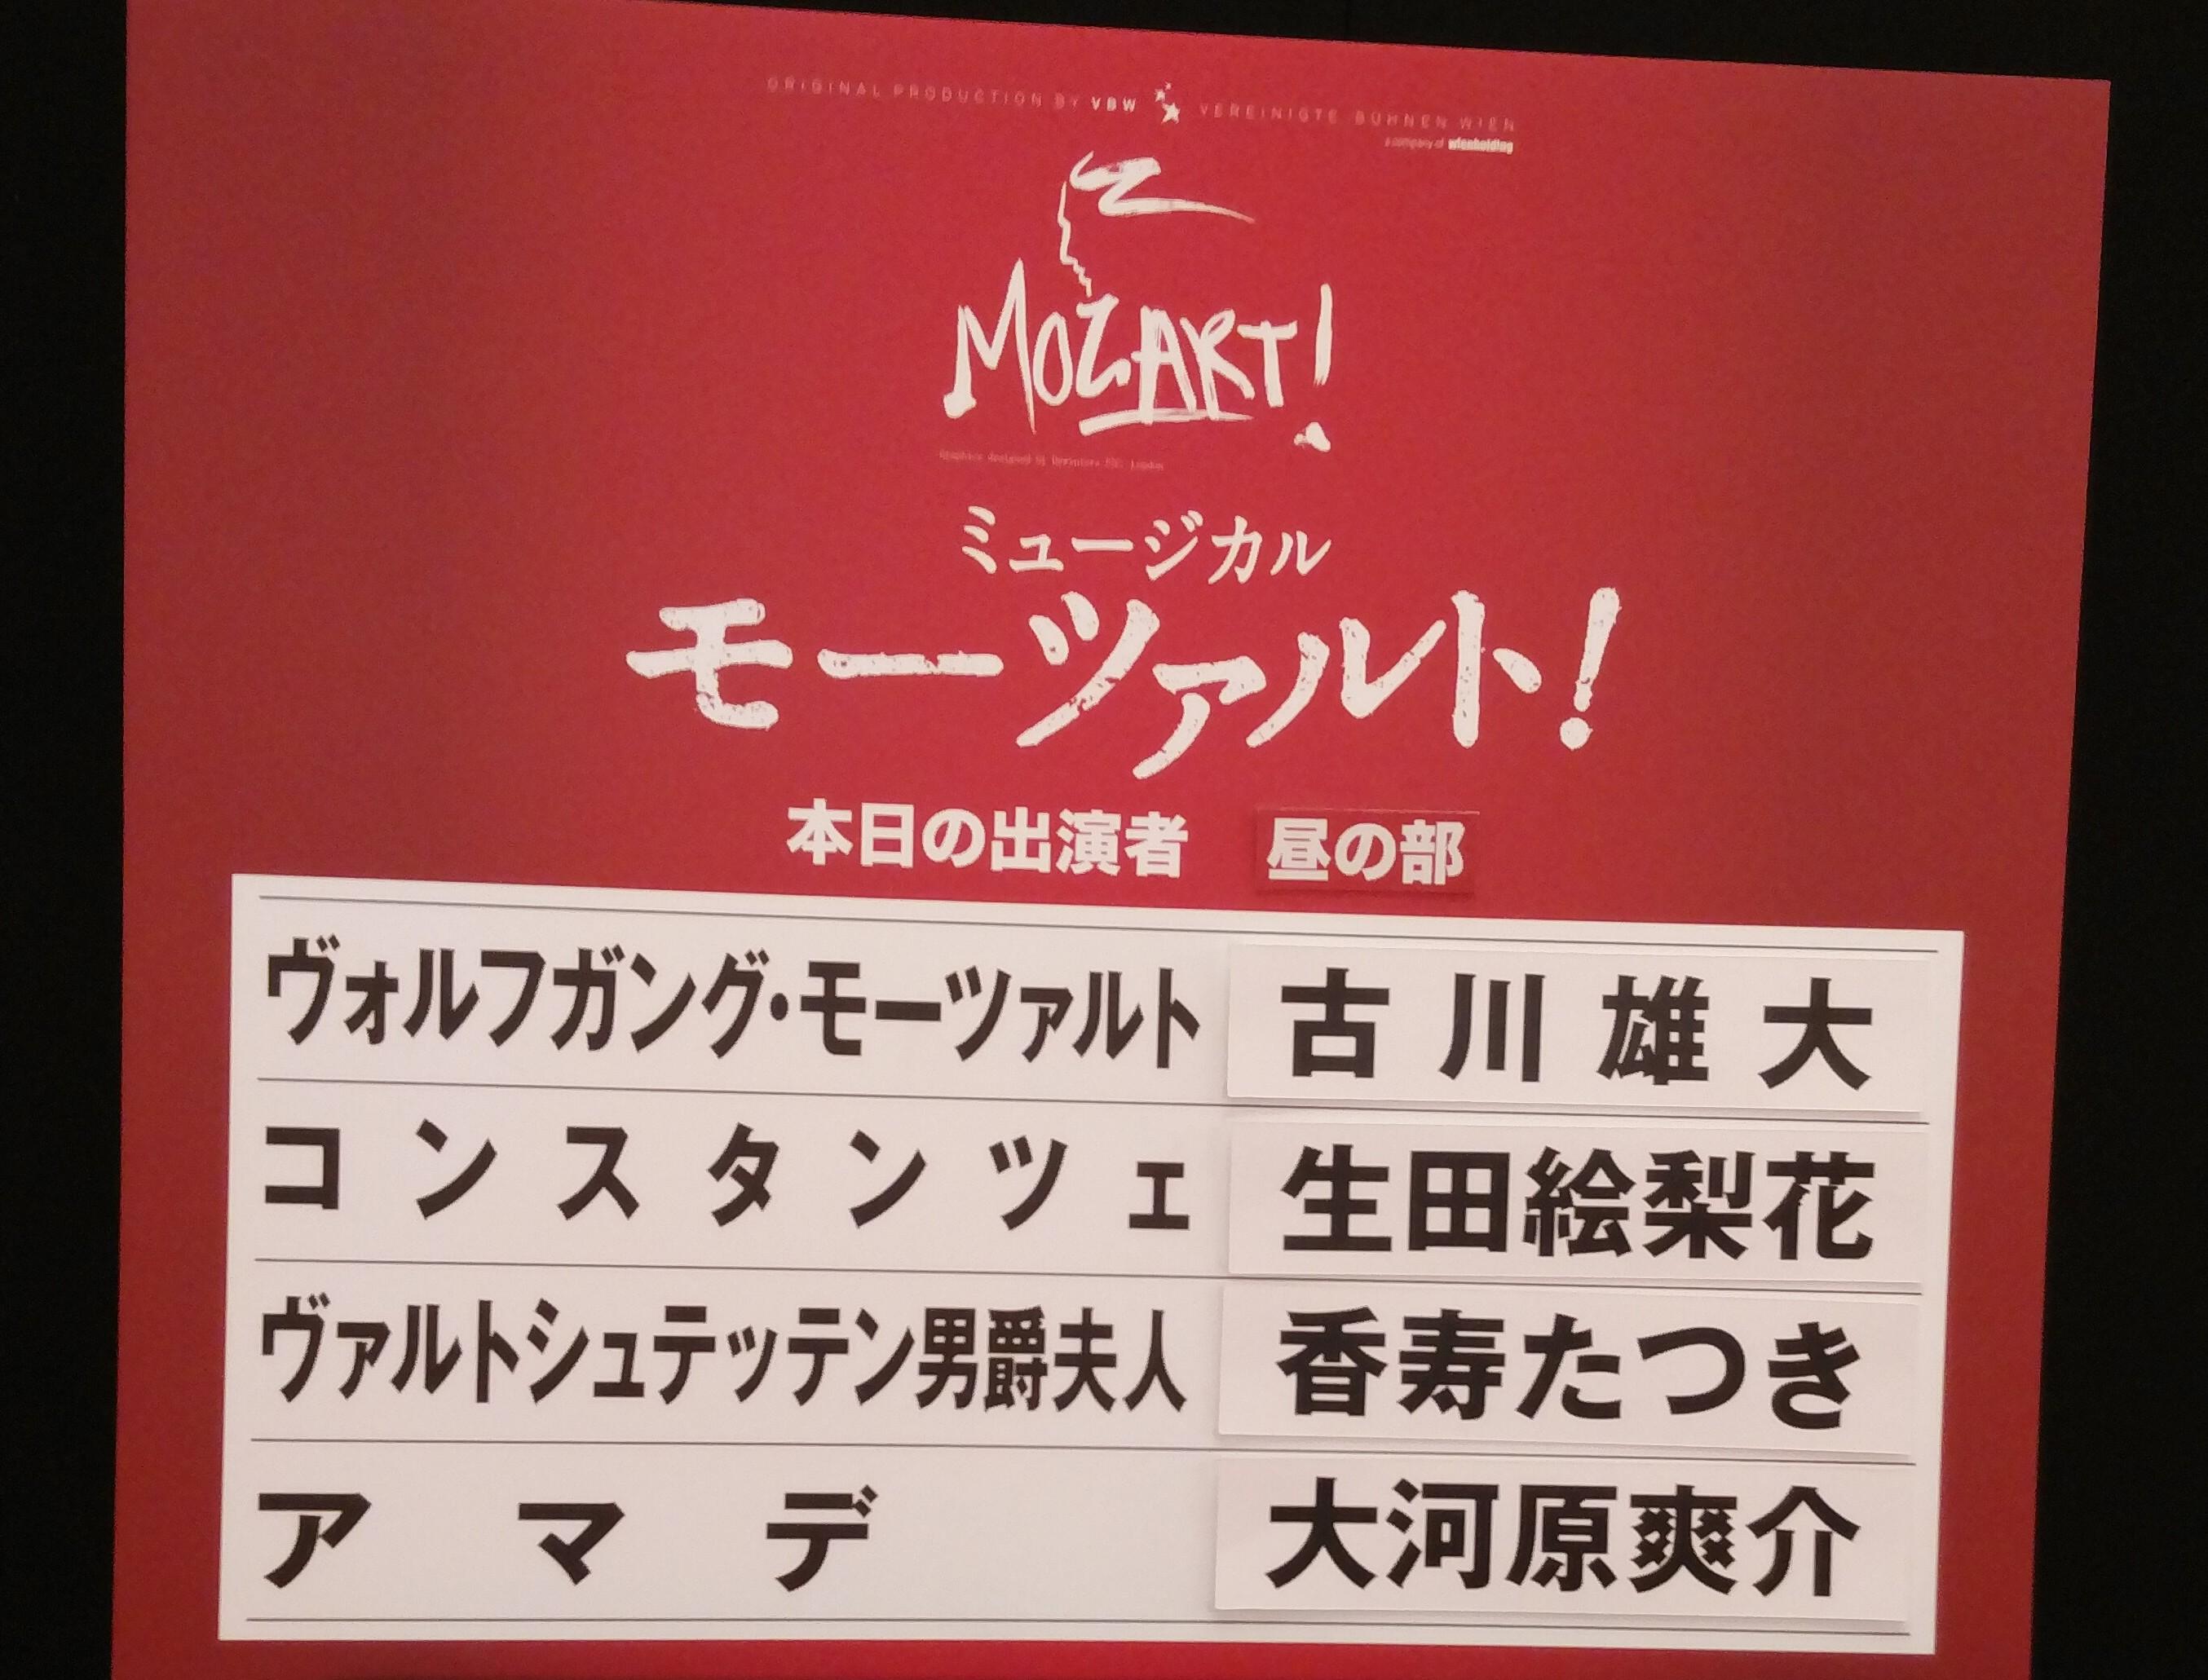 8/5御園座「MOZART!」マチネ